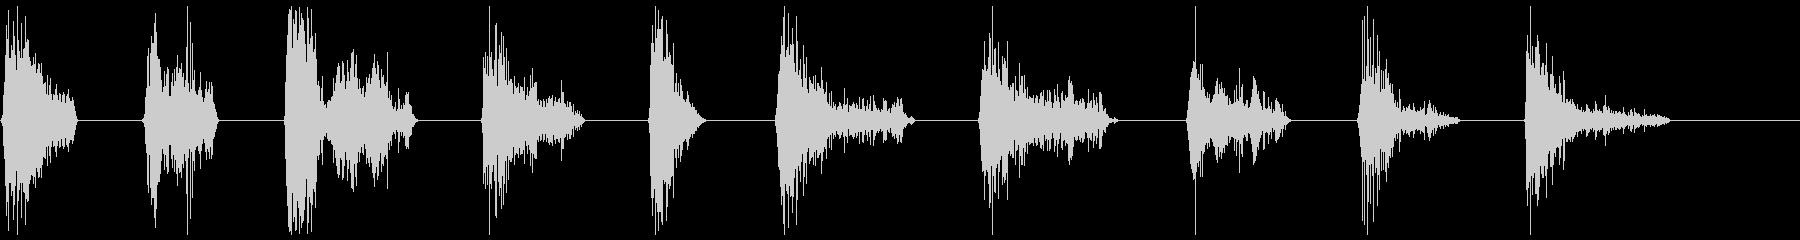 モンスターブレスロア1-10の未再生の波形